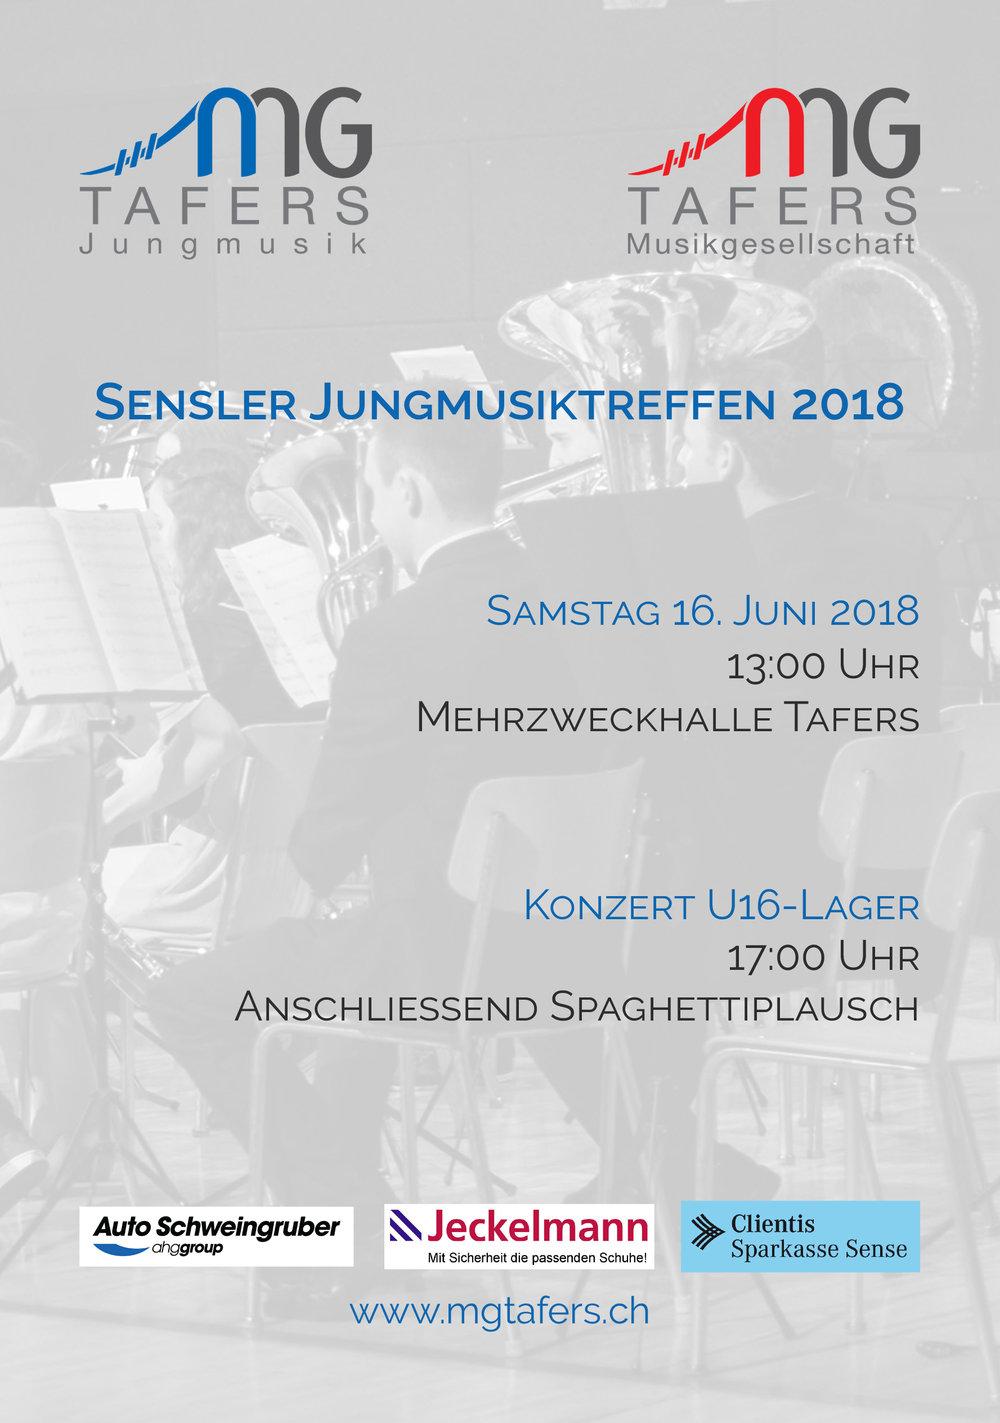 2018_Jungmusiktreffen_FalzFlyer_A5-1.jpg